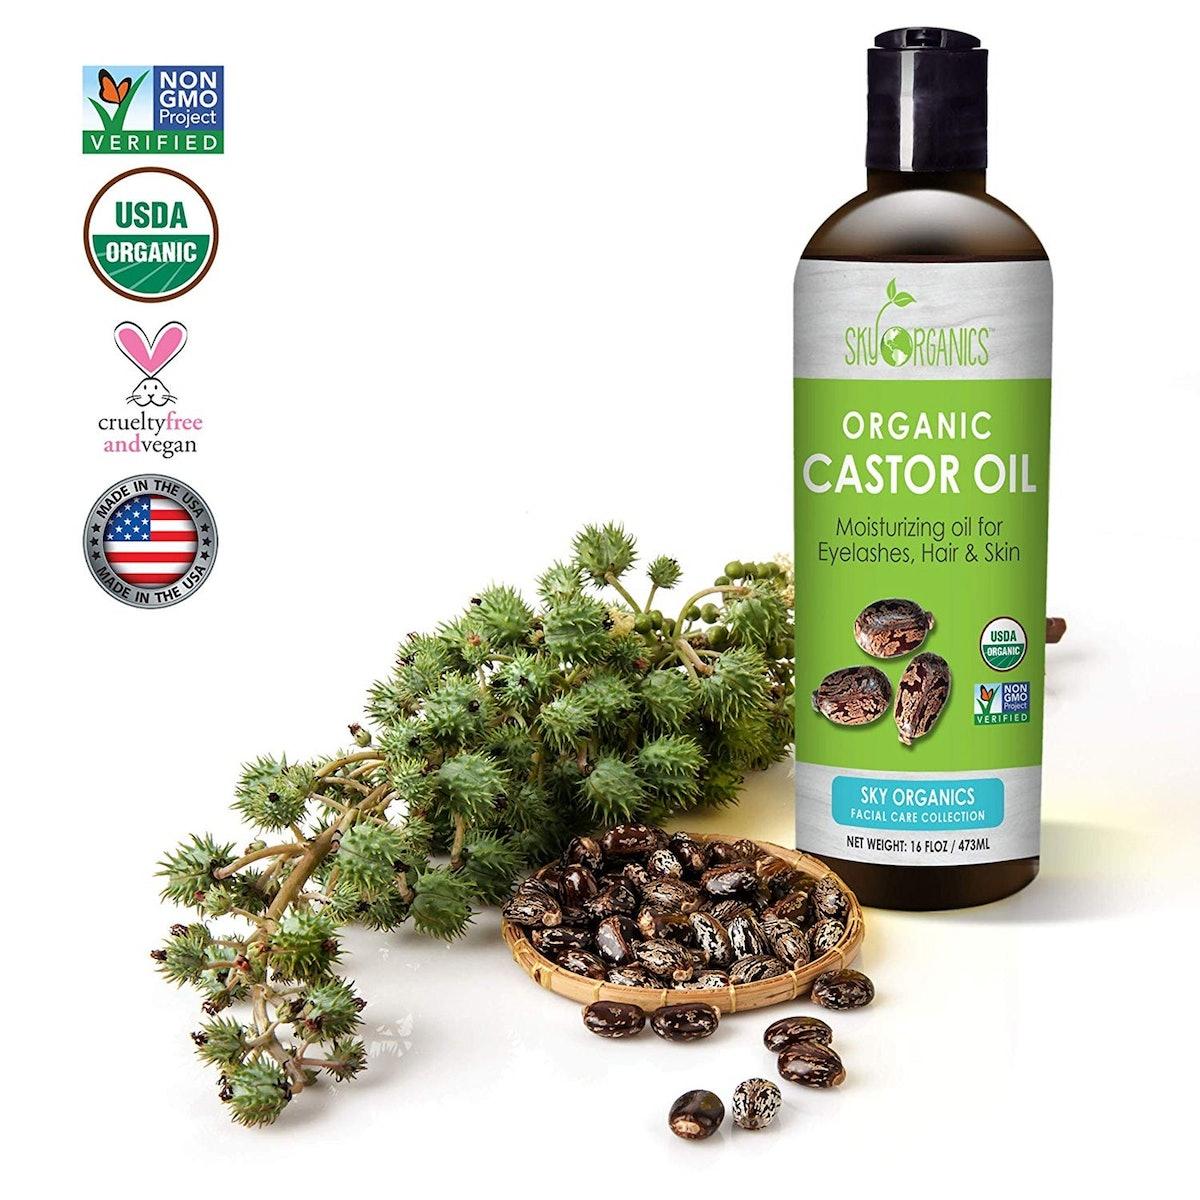 Sky Organics Castor Oil (16oz)